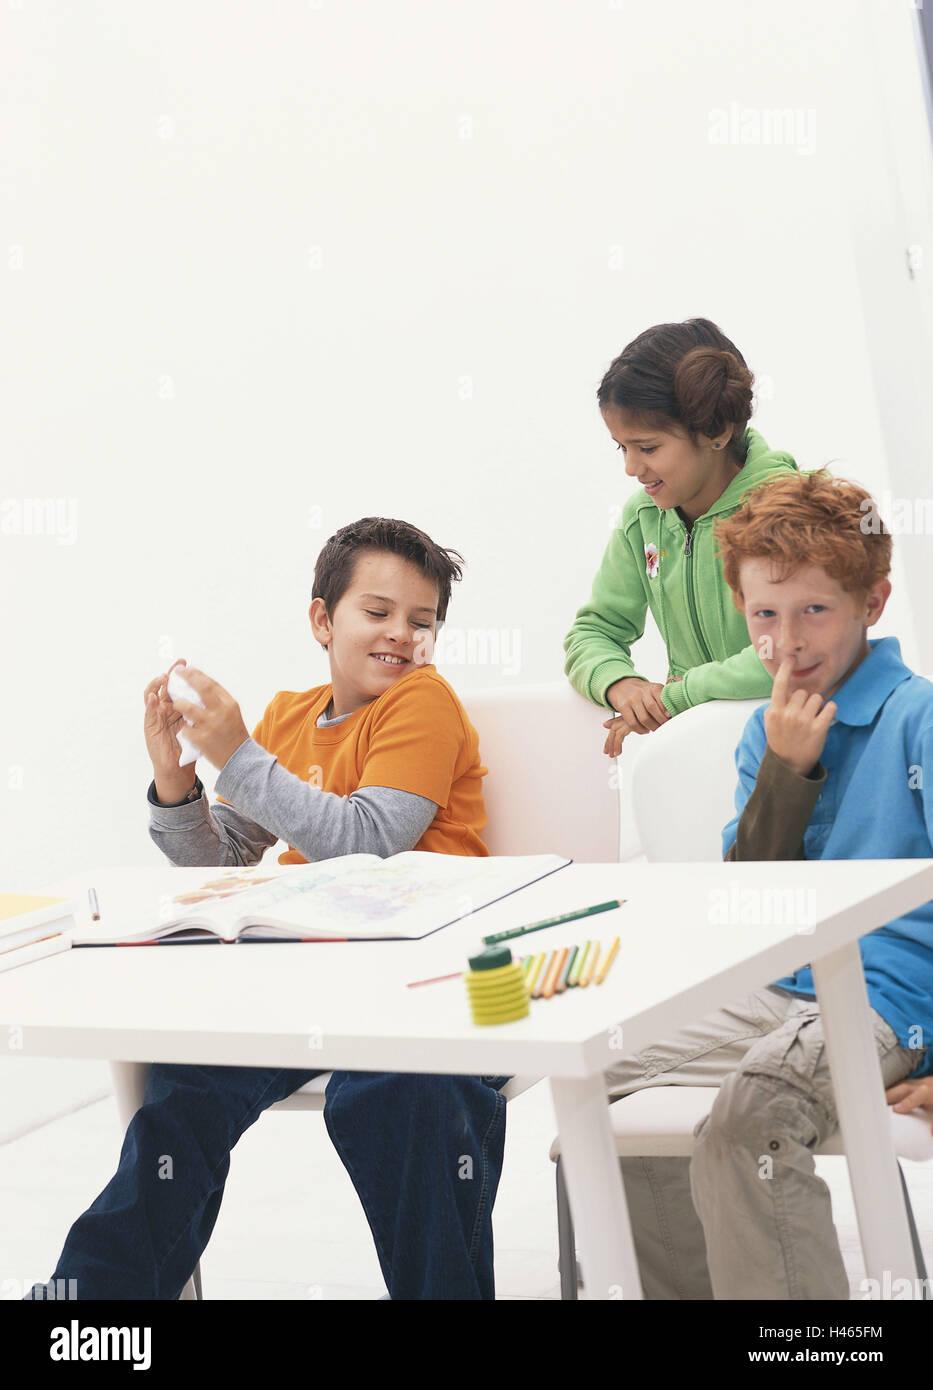 L'école, de classe, pause, écolier, blague, bureau, école de taquiner la relâche scolaire, personne, enfants, trois, à l'école des enfants, élèves du primaire, l'école des amis, des amis, la conversation, heureux, d'une période de vie, les heures d'école, l'enseignement obligatoire, à l'intérieur, Banque D'Images